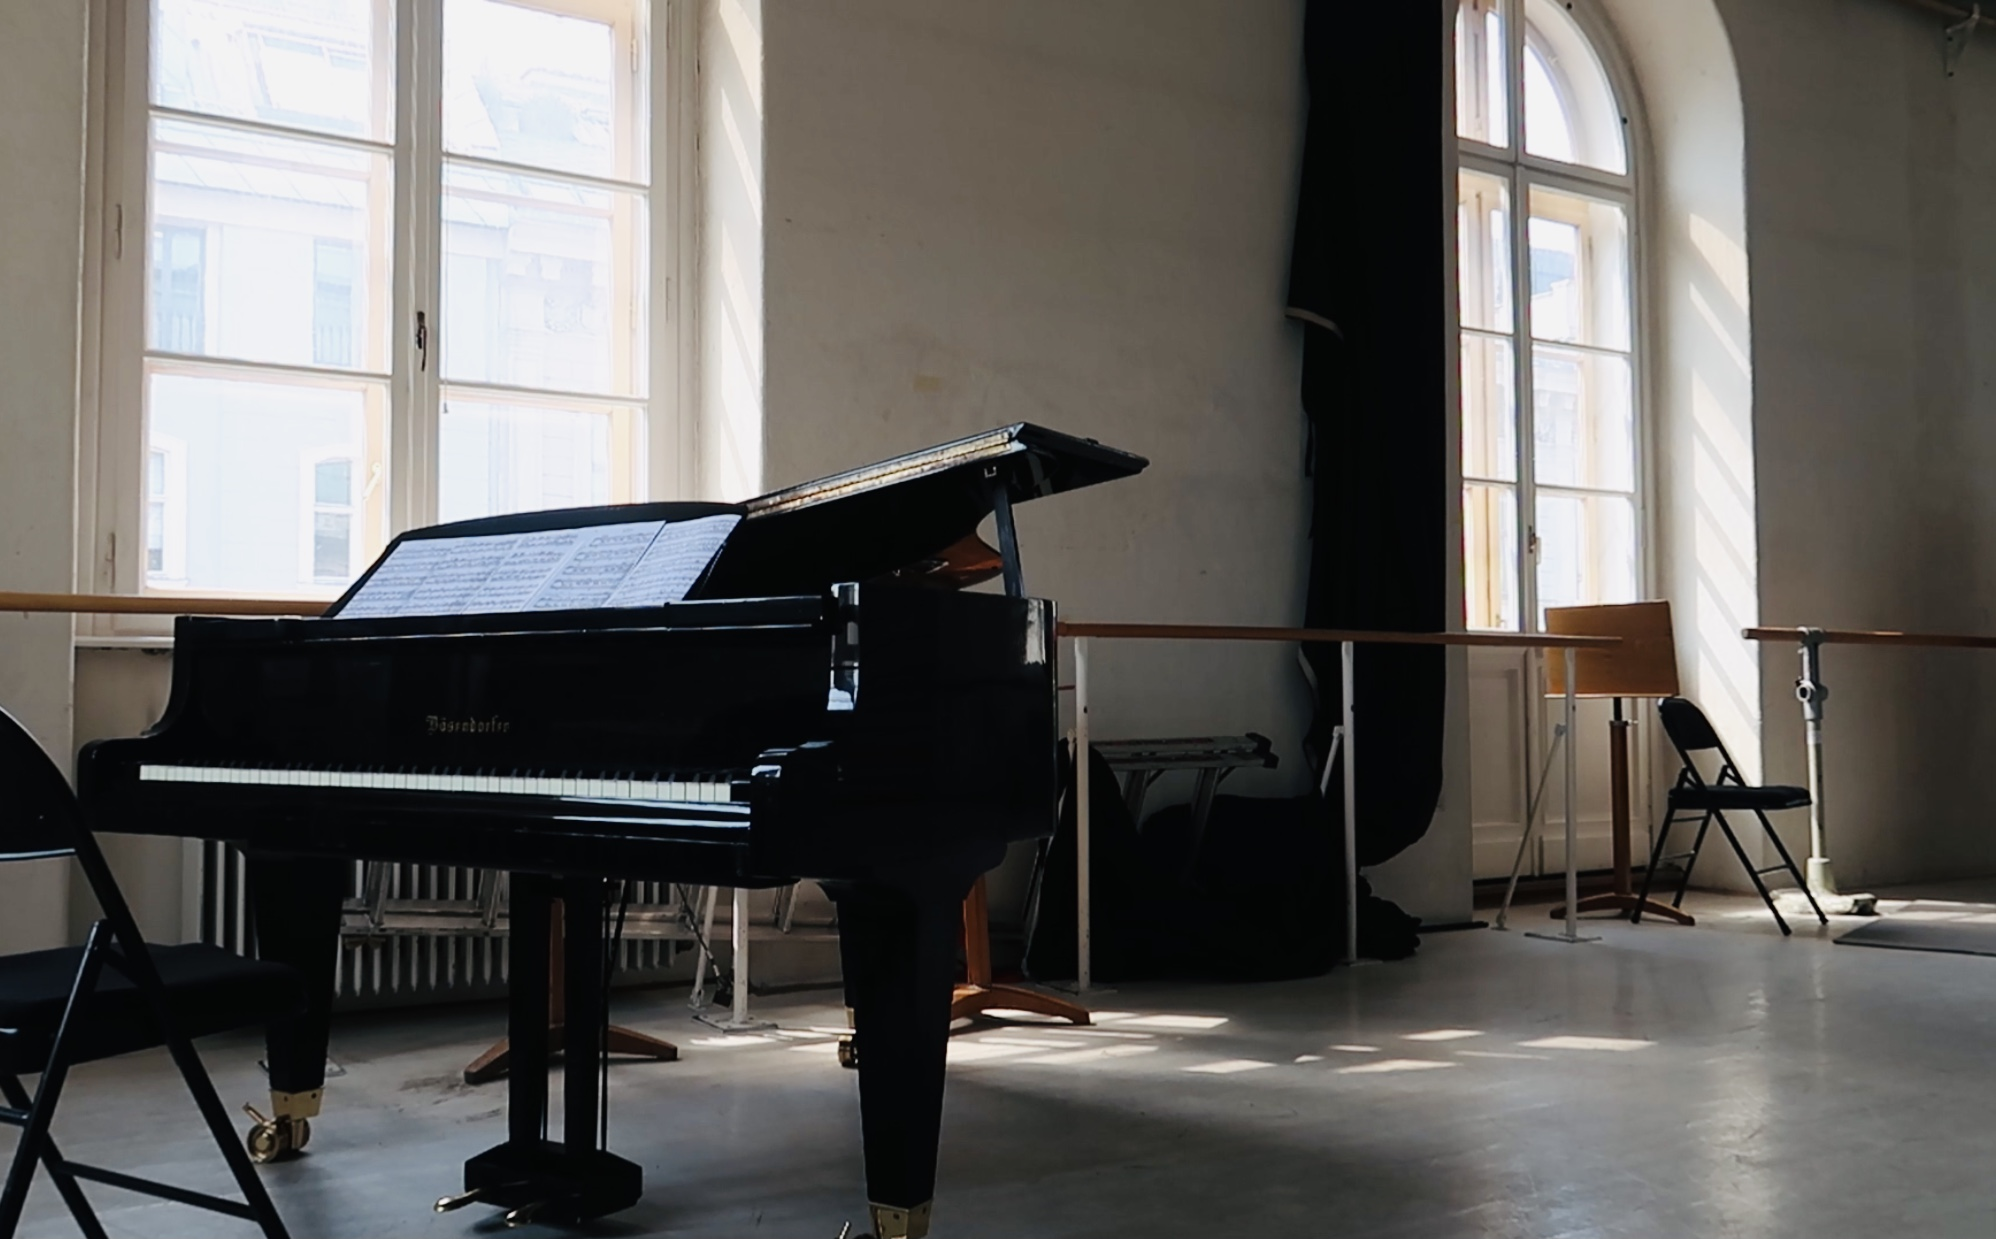 【第26回】ウィーンのバレエピアニスト〜滝澤志野の音楽日記〜すべては変化し、流れていく。